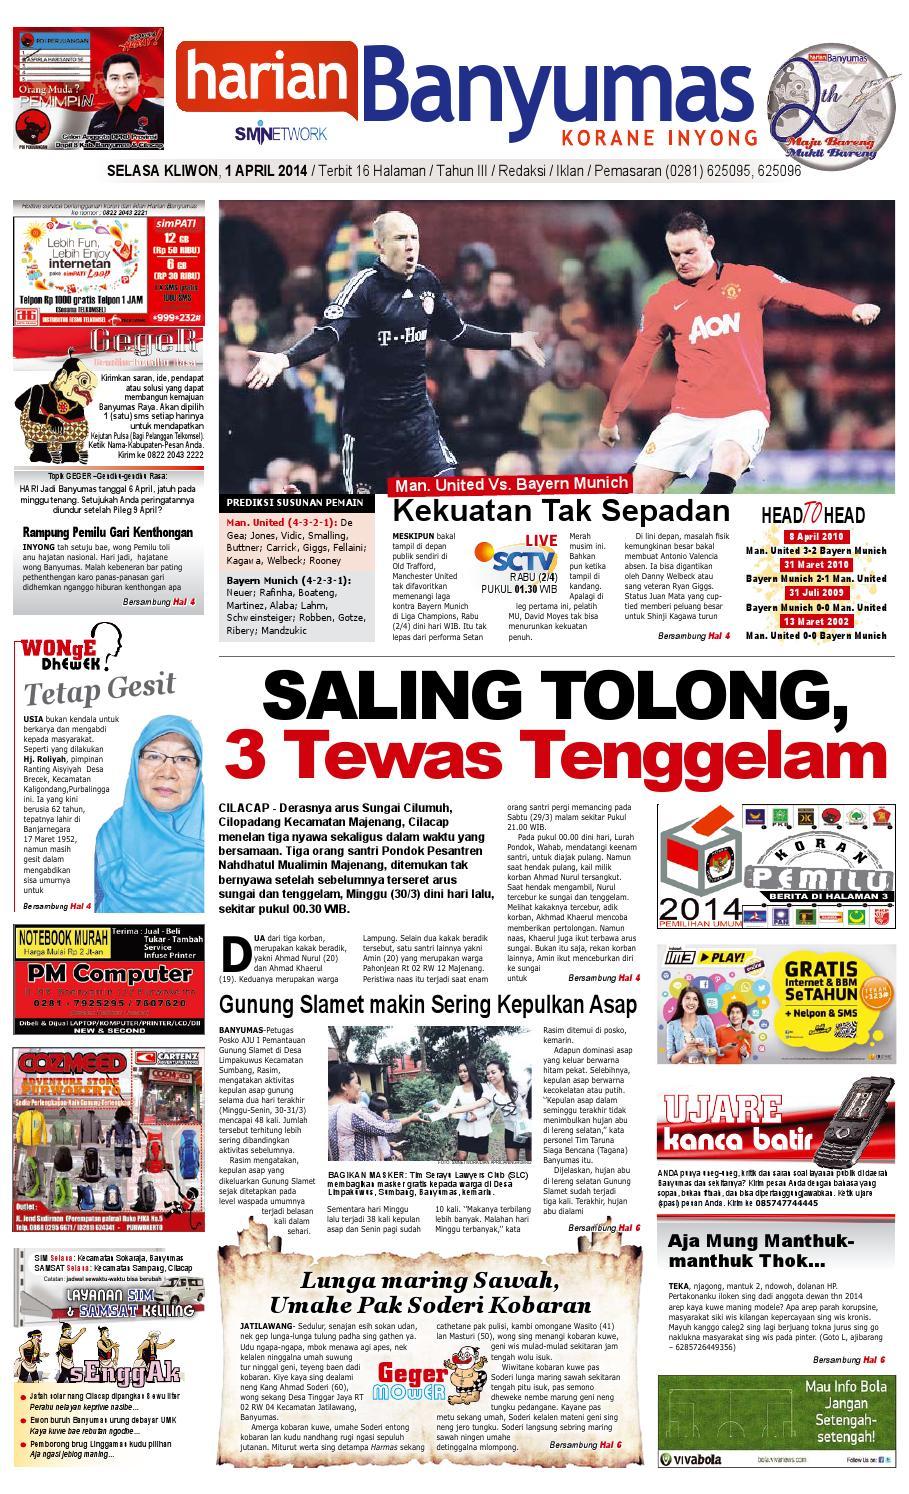 Harian Banyumas 1 April 2014 By Issuu Tcash Vaganza 34 Kripiss Medan Manis